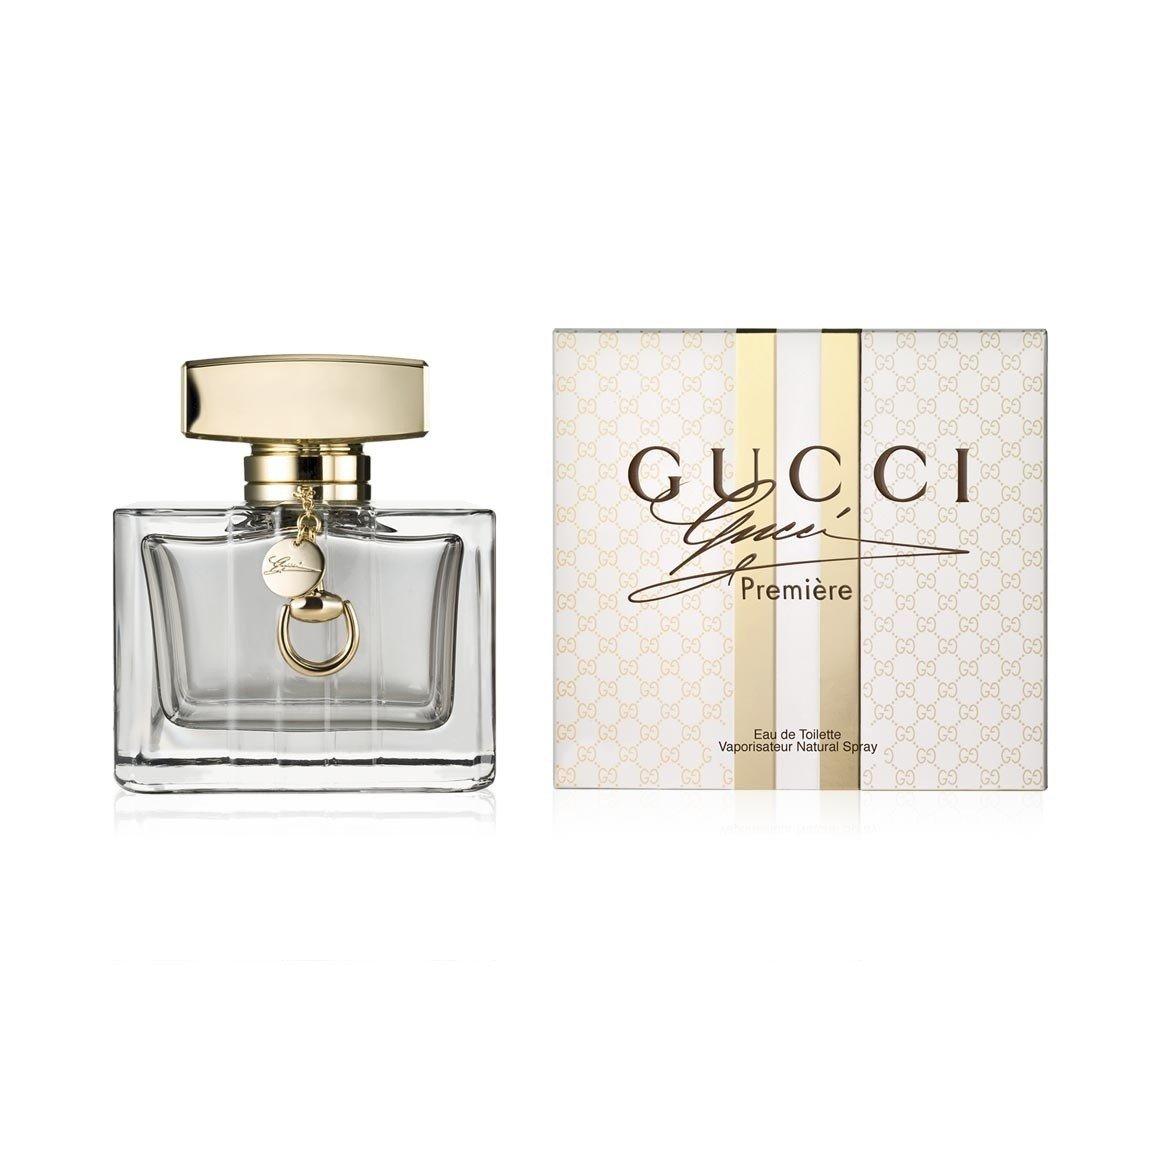 8bded993a Amazon.com : Gucci Premiere Eau de Toilette Spray for Women, 2.5 Ounce :  Beauty